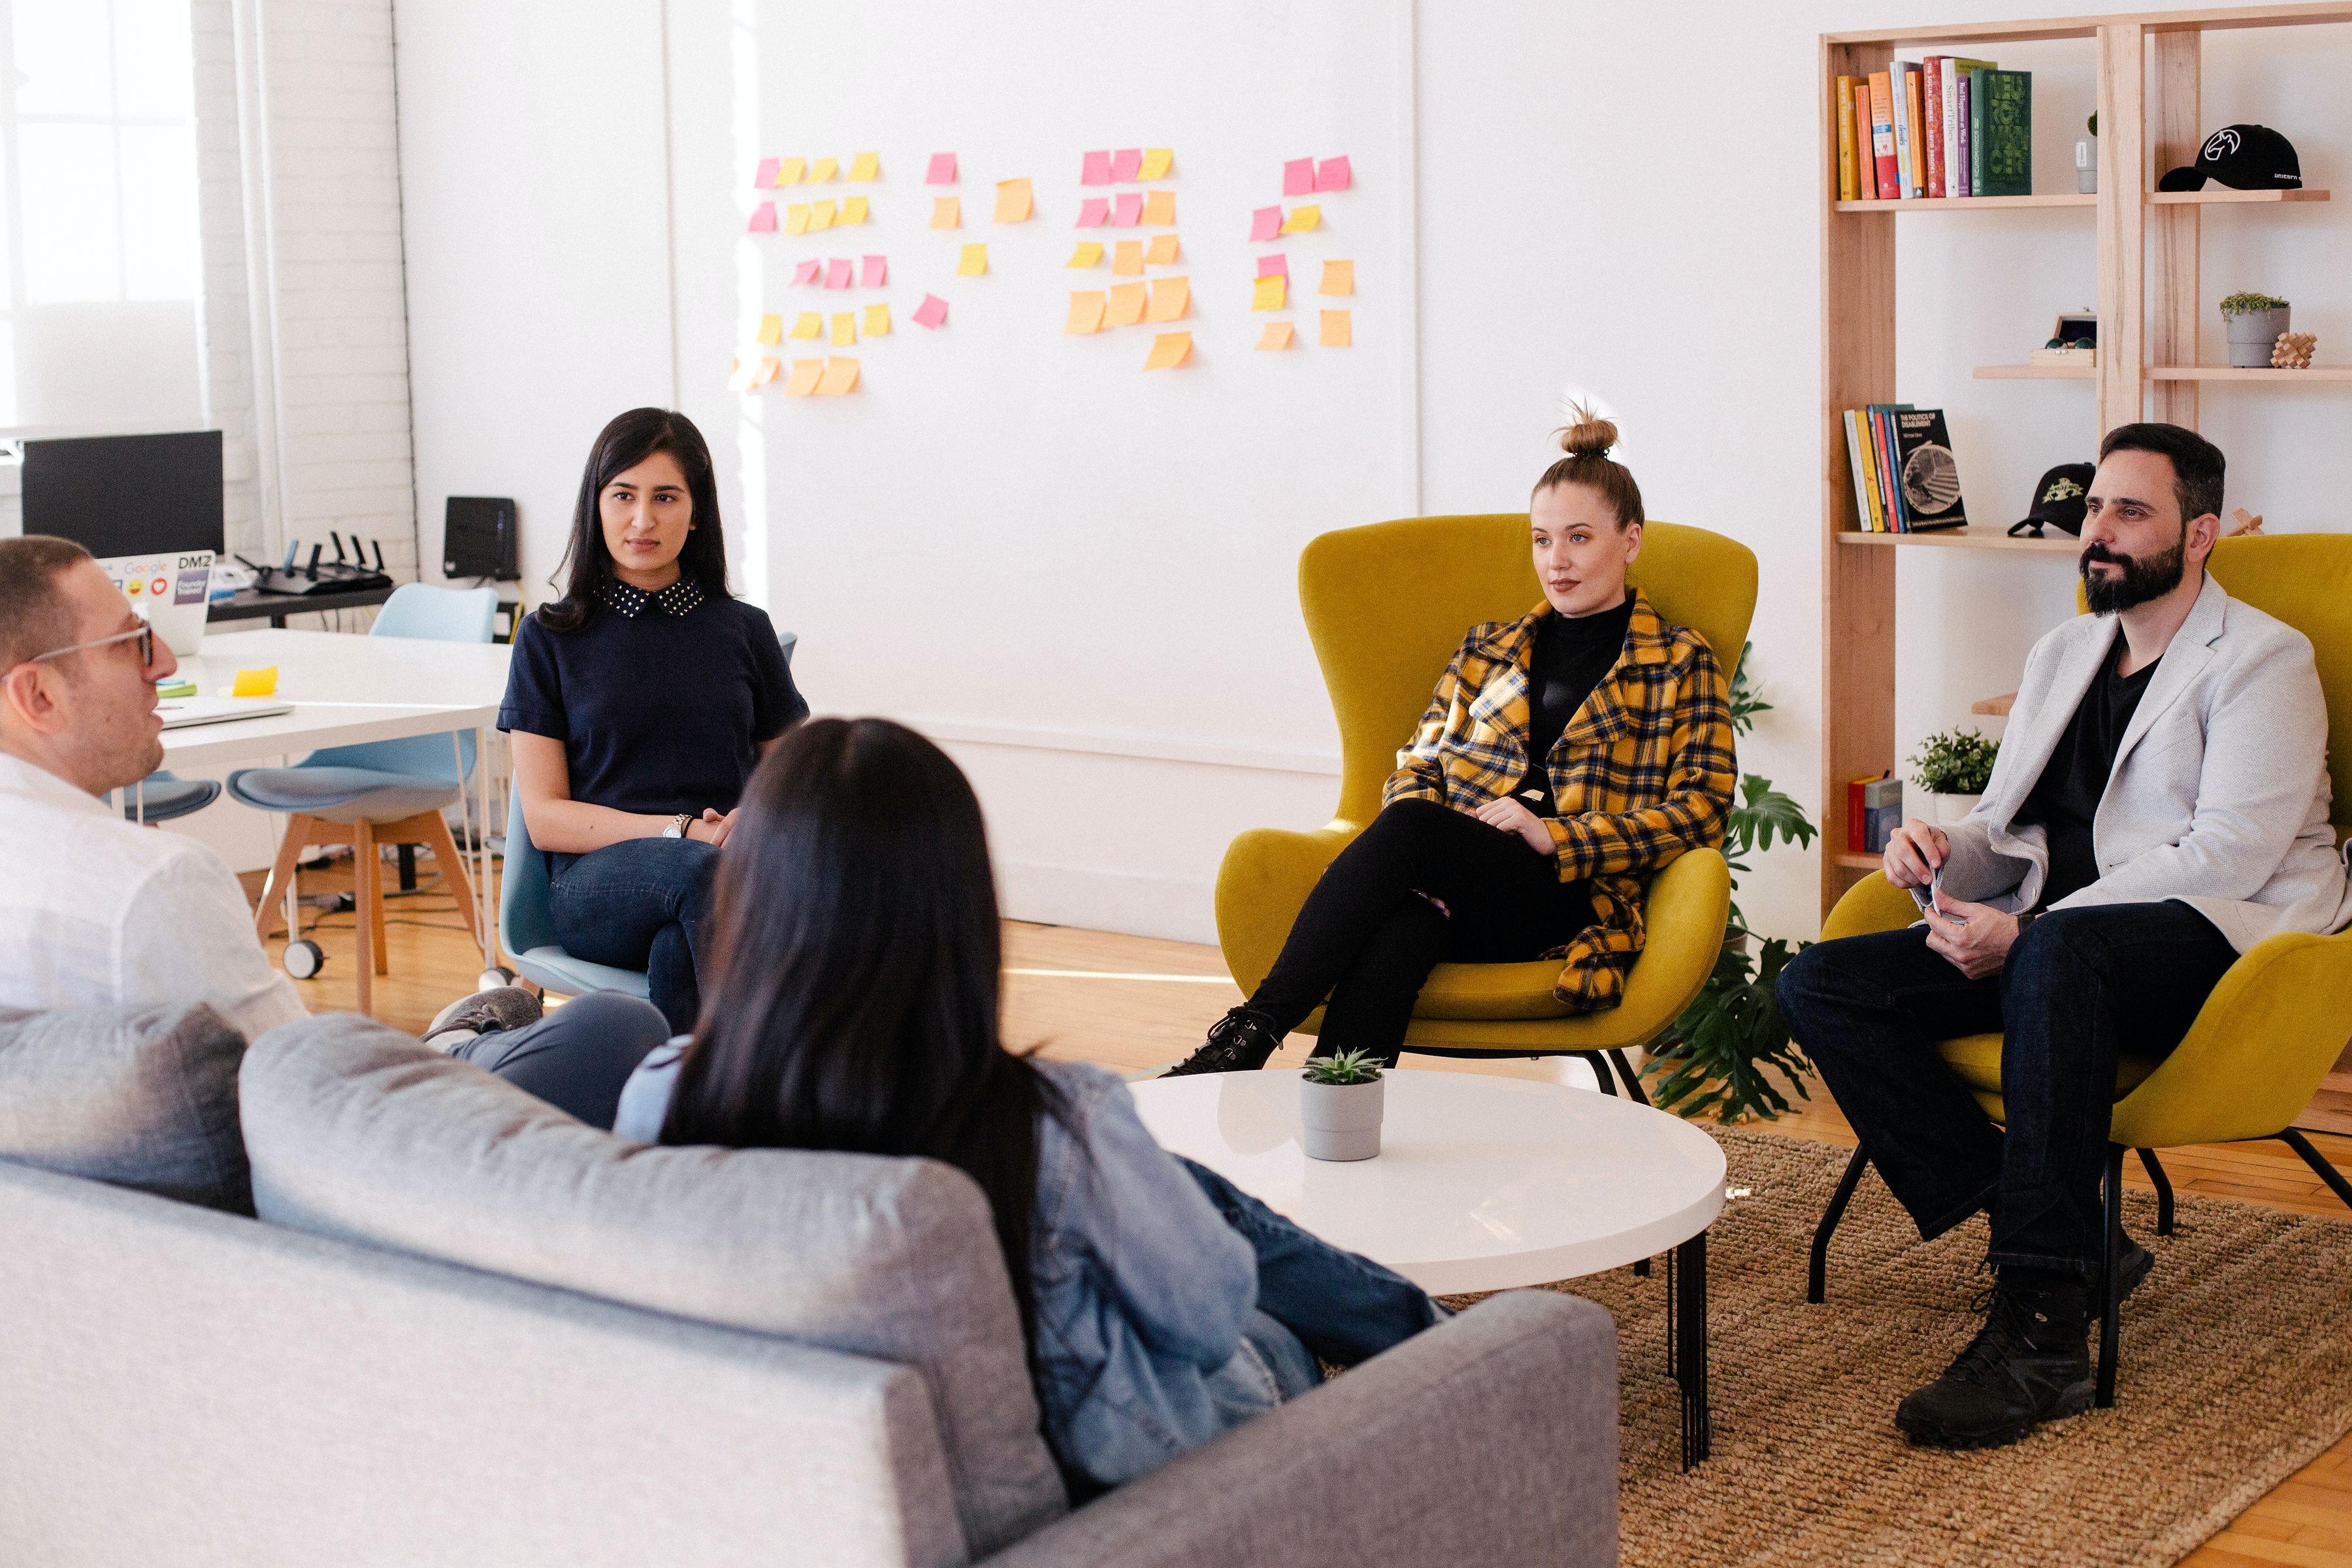 meeting with team members